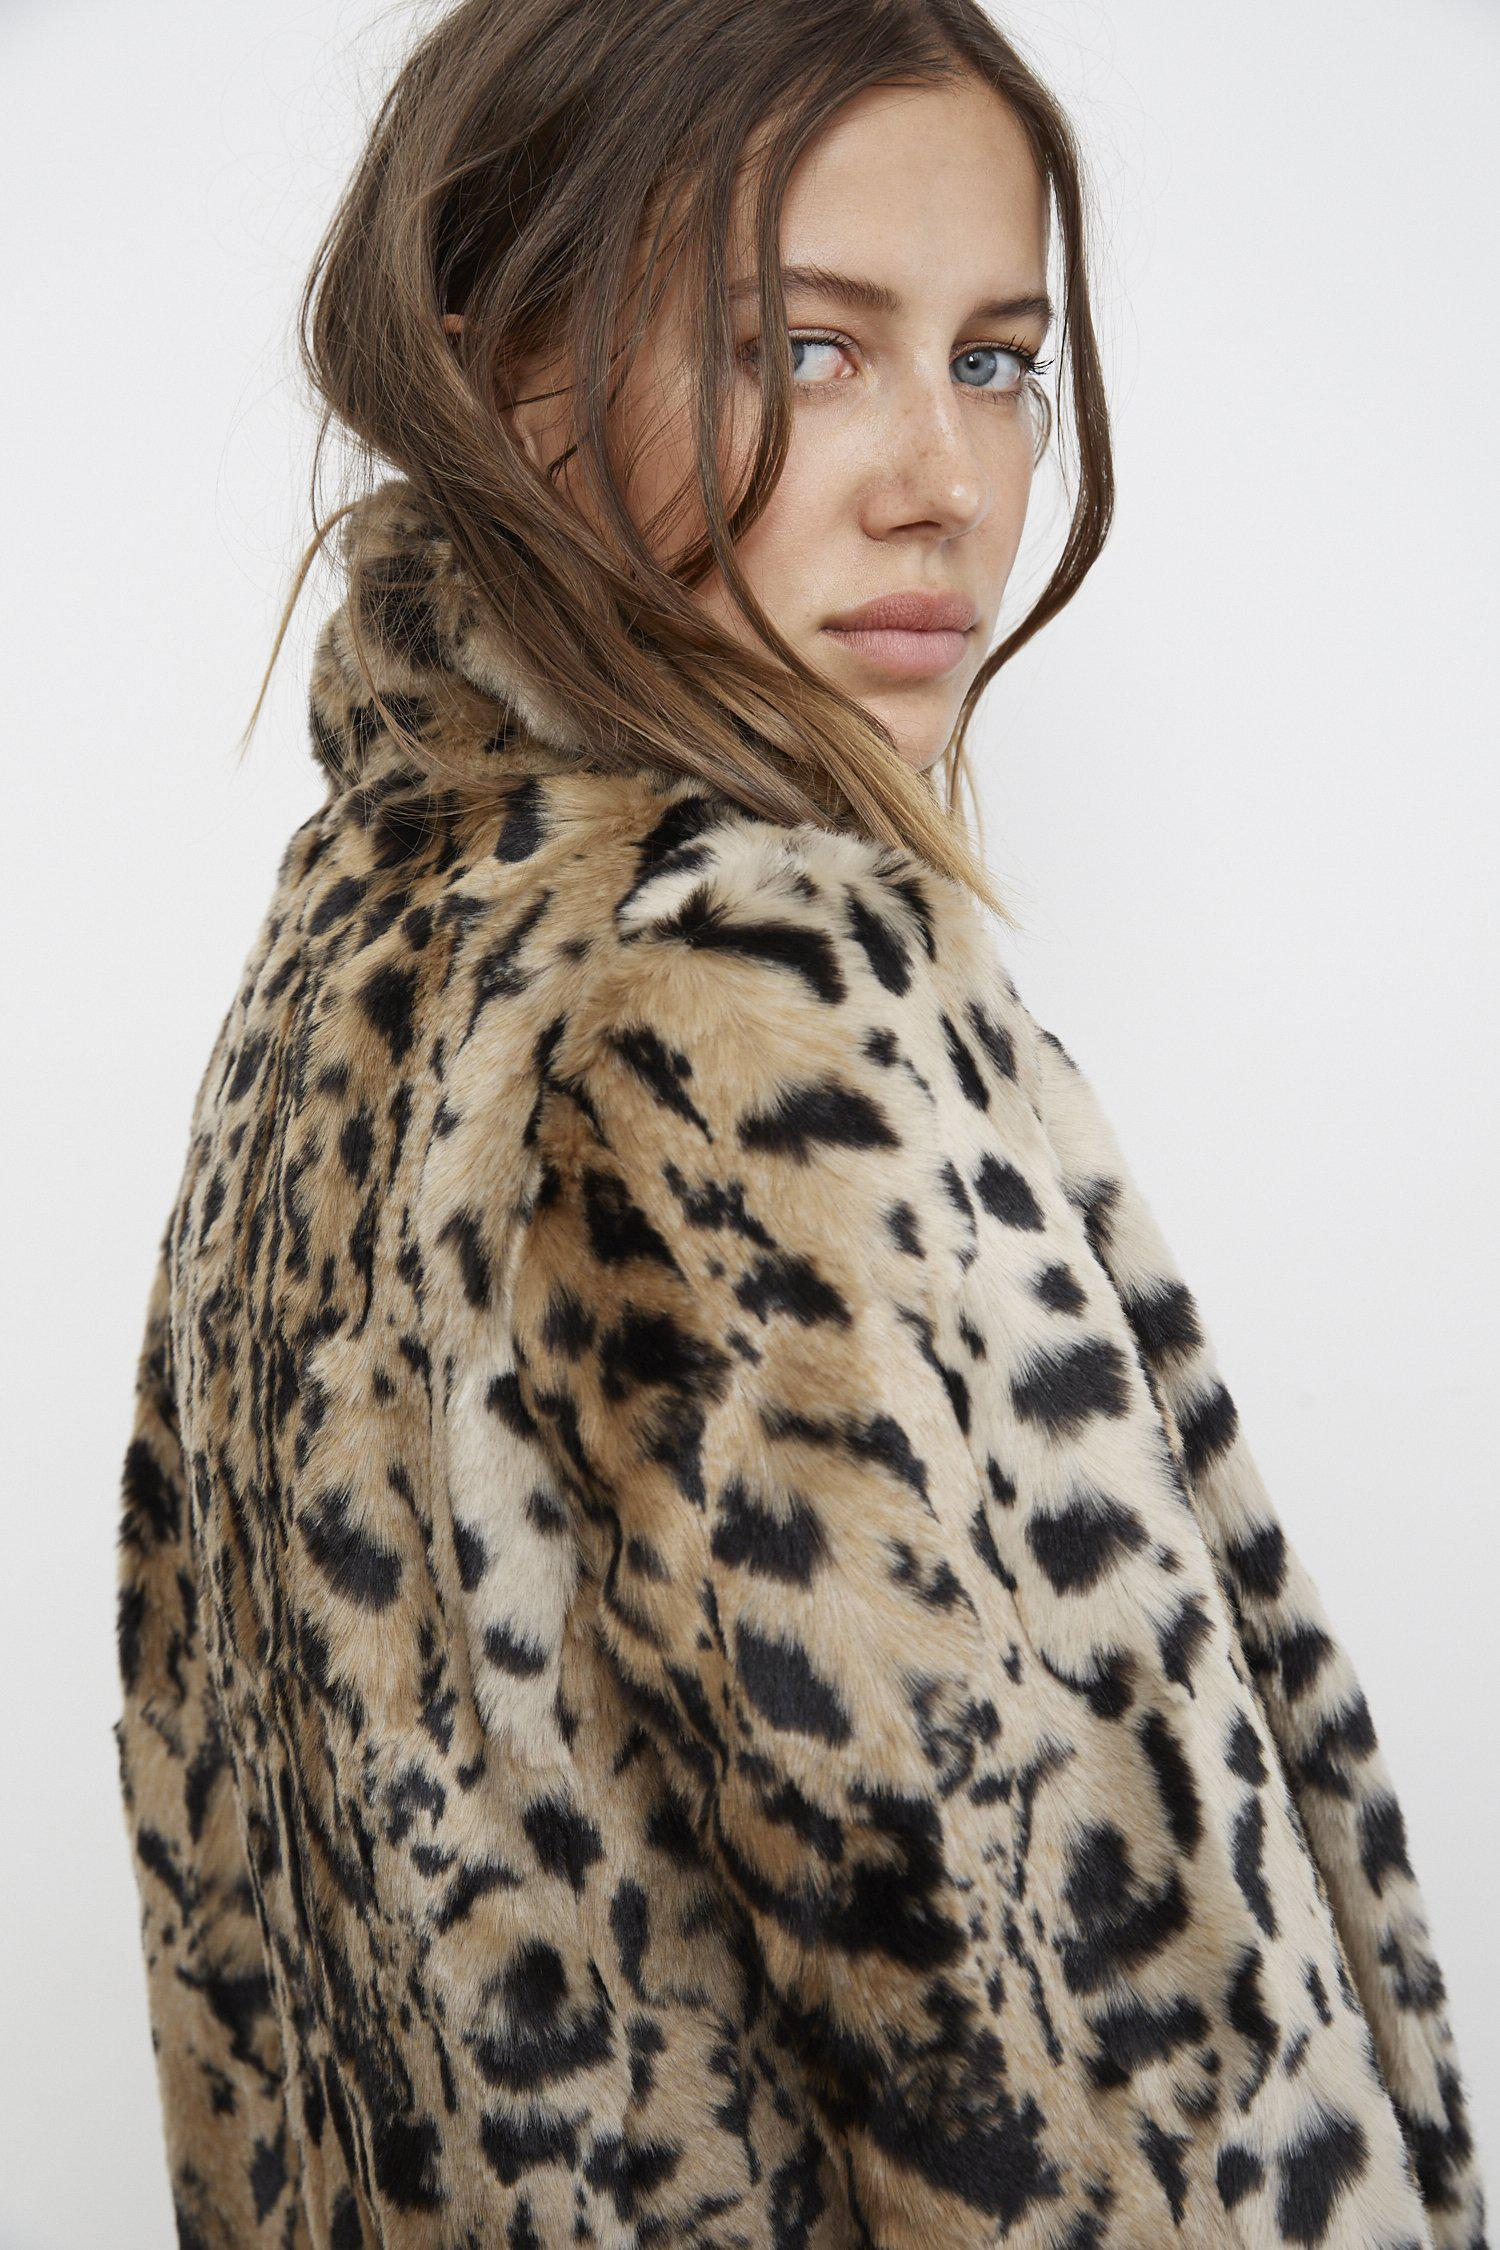 dcd82c52e5a8 Mango Juliana Leopard Print Faux Fur Jacket In Leopard in Brown - Lyst